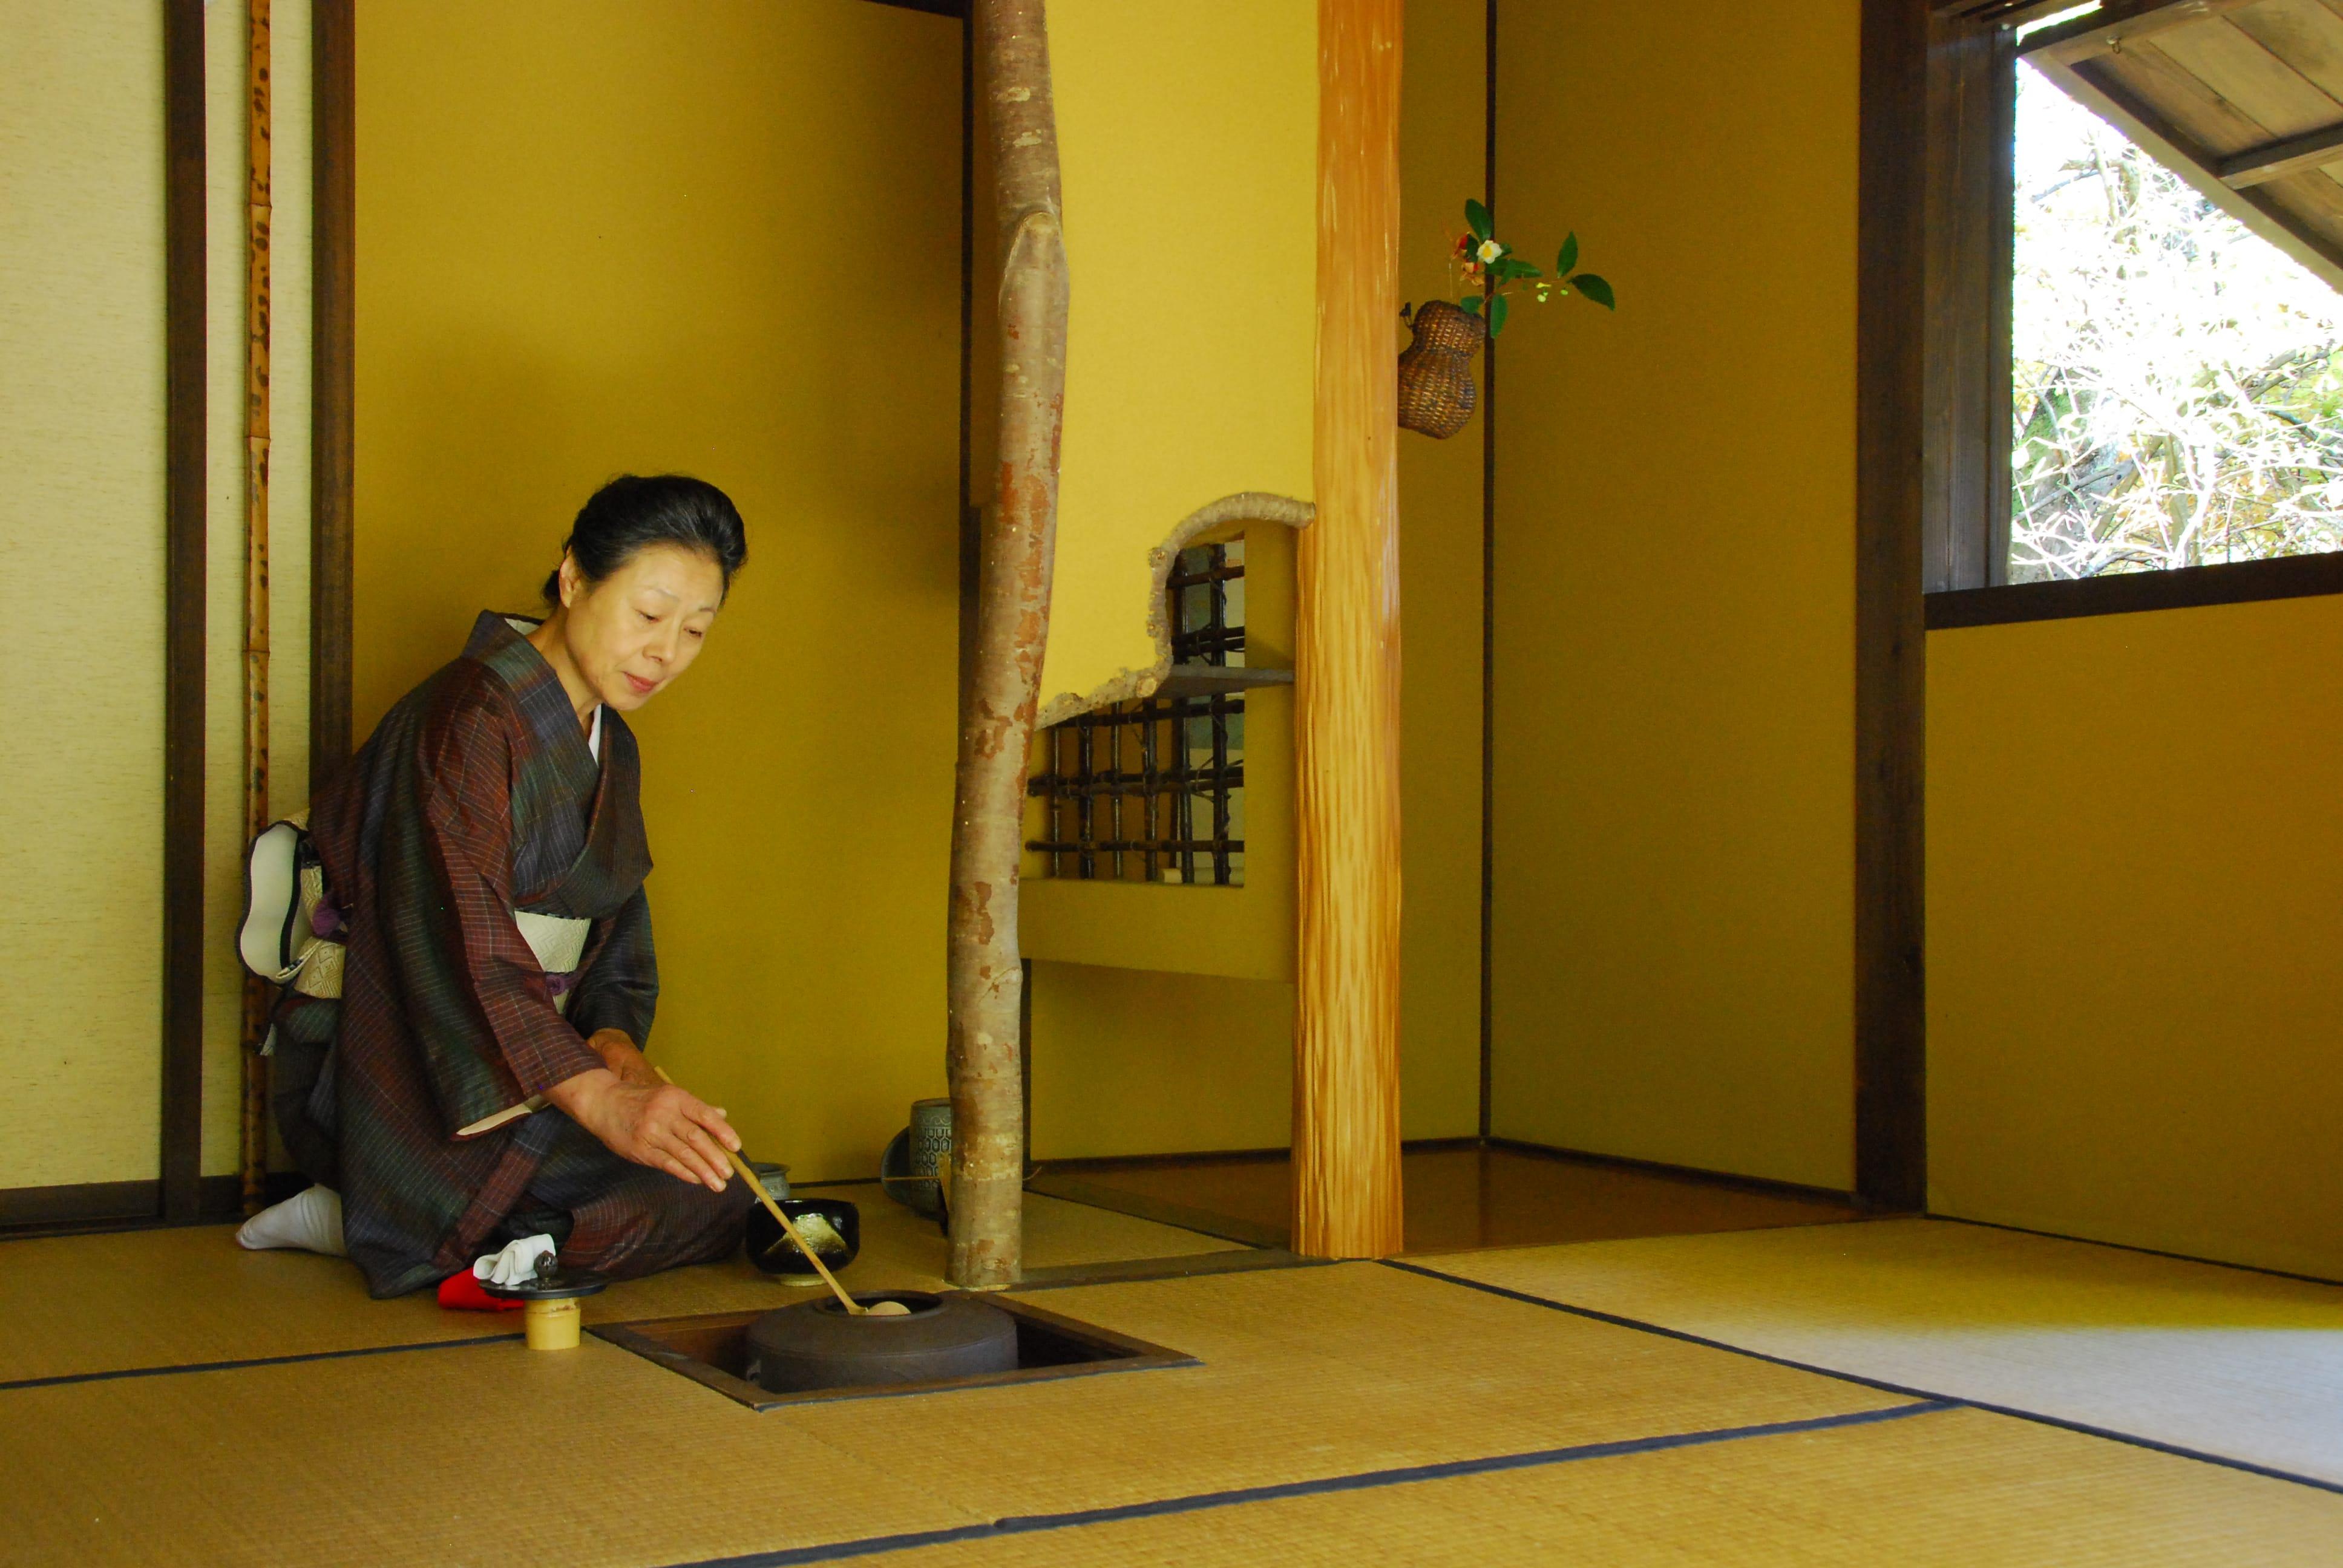 茶室:百年ゆ宿 旅館大沼 | Workations(ワーケーションズ)